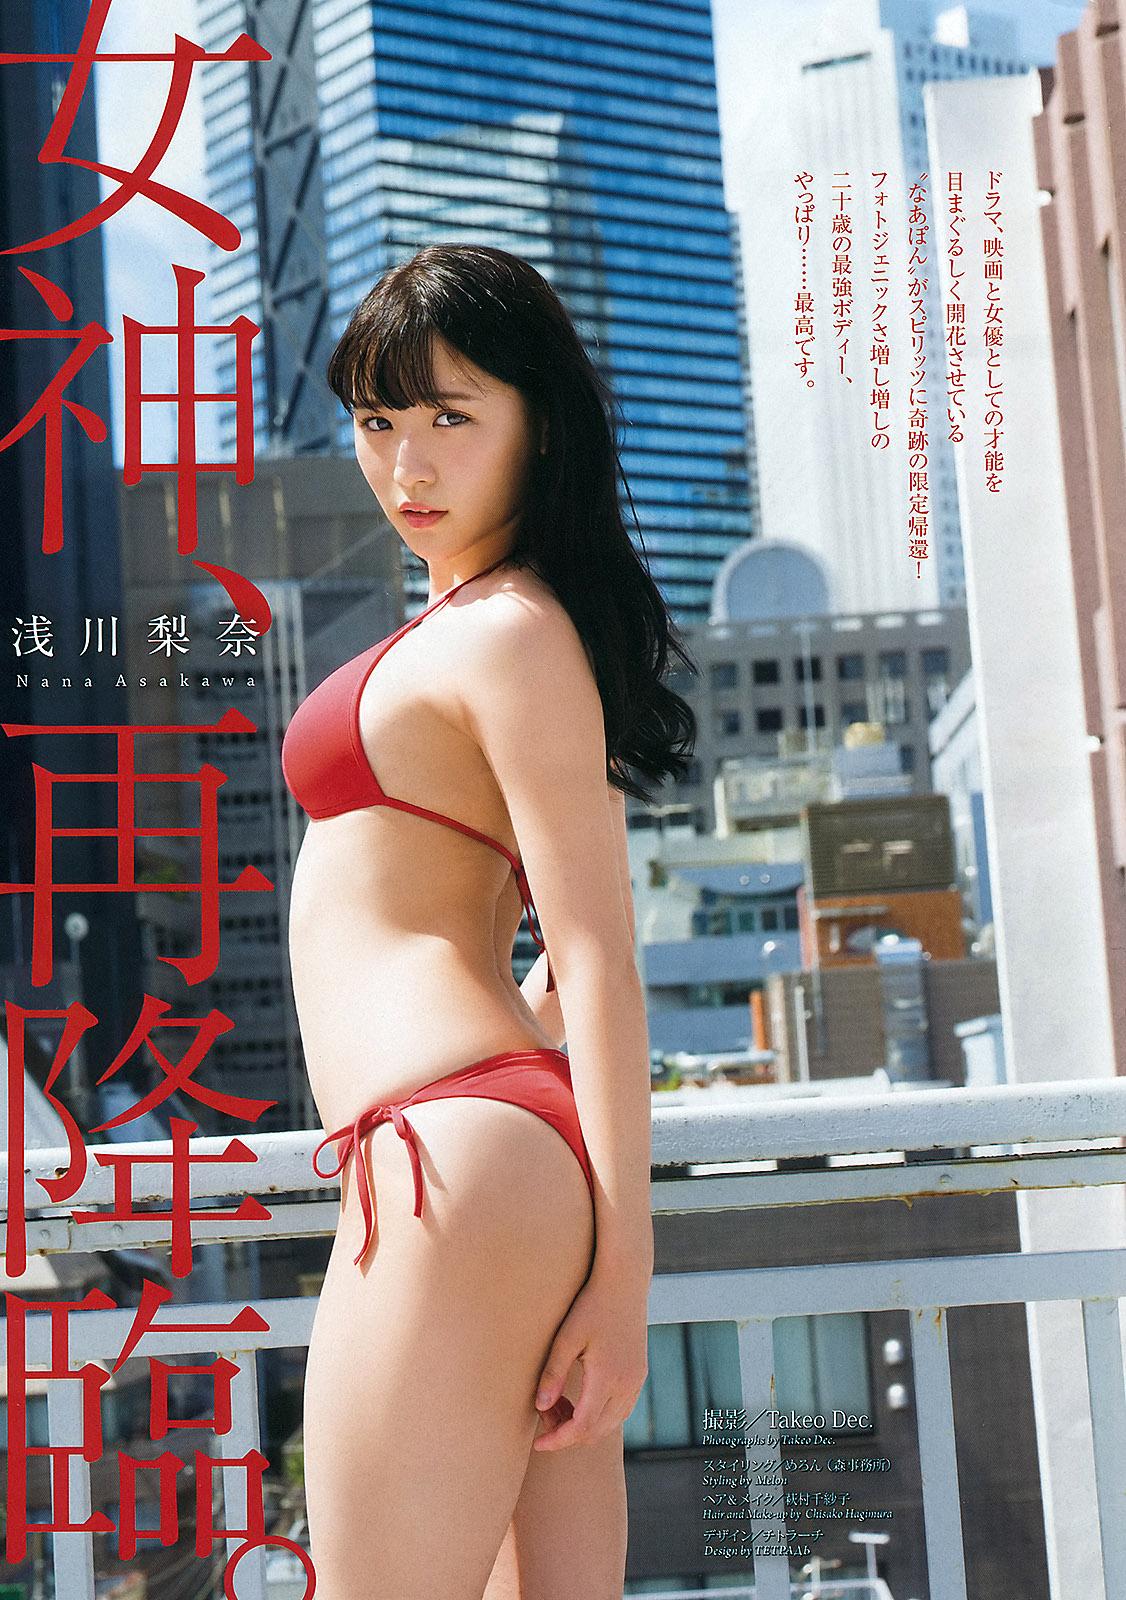 NAsakawa Big Comic Spirits 190930 02.jpg